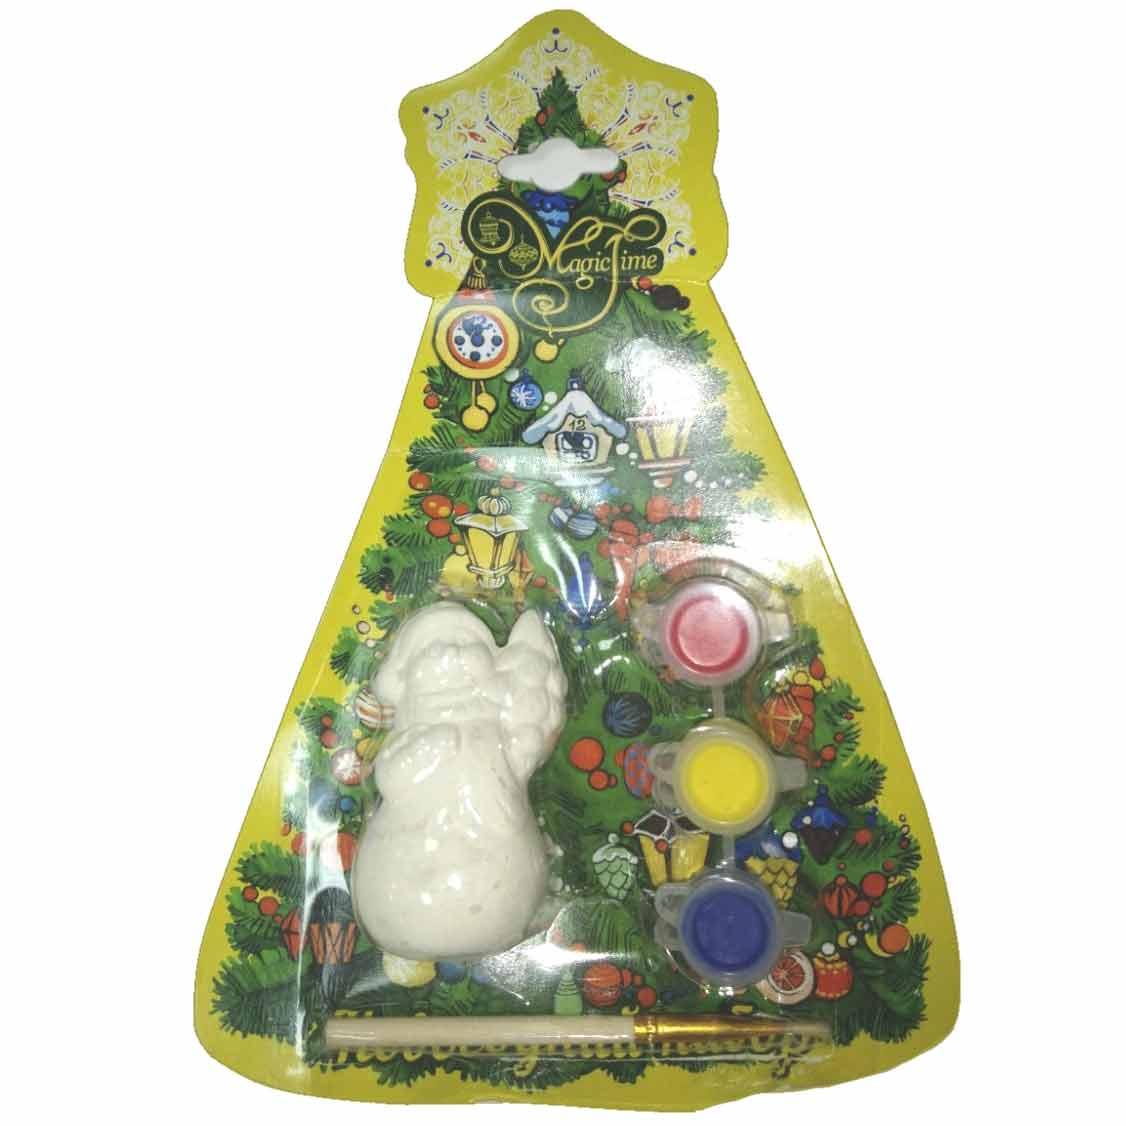 Купить Новогодний набор для творчества Снеговик с мешком артикул 75932 4х3, 5х7, 5 см